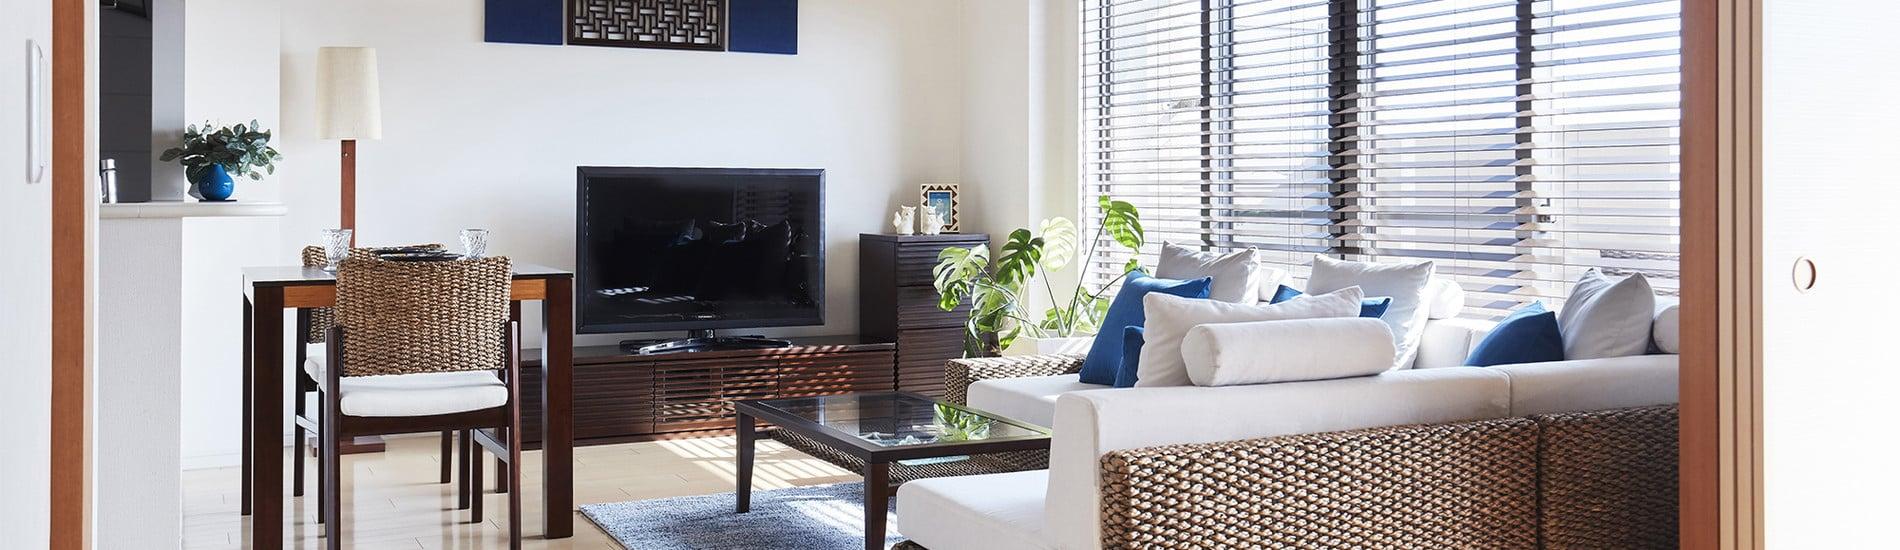 家具・インテリア選びのヒント